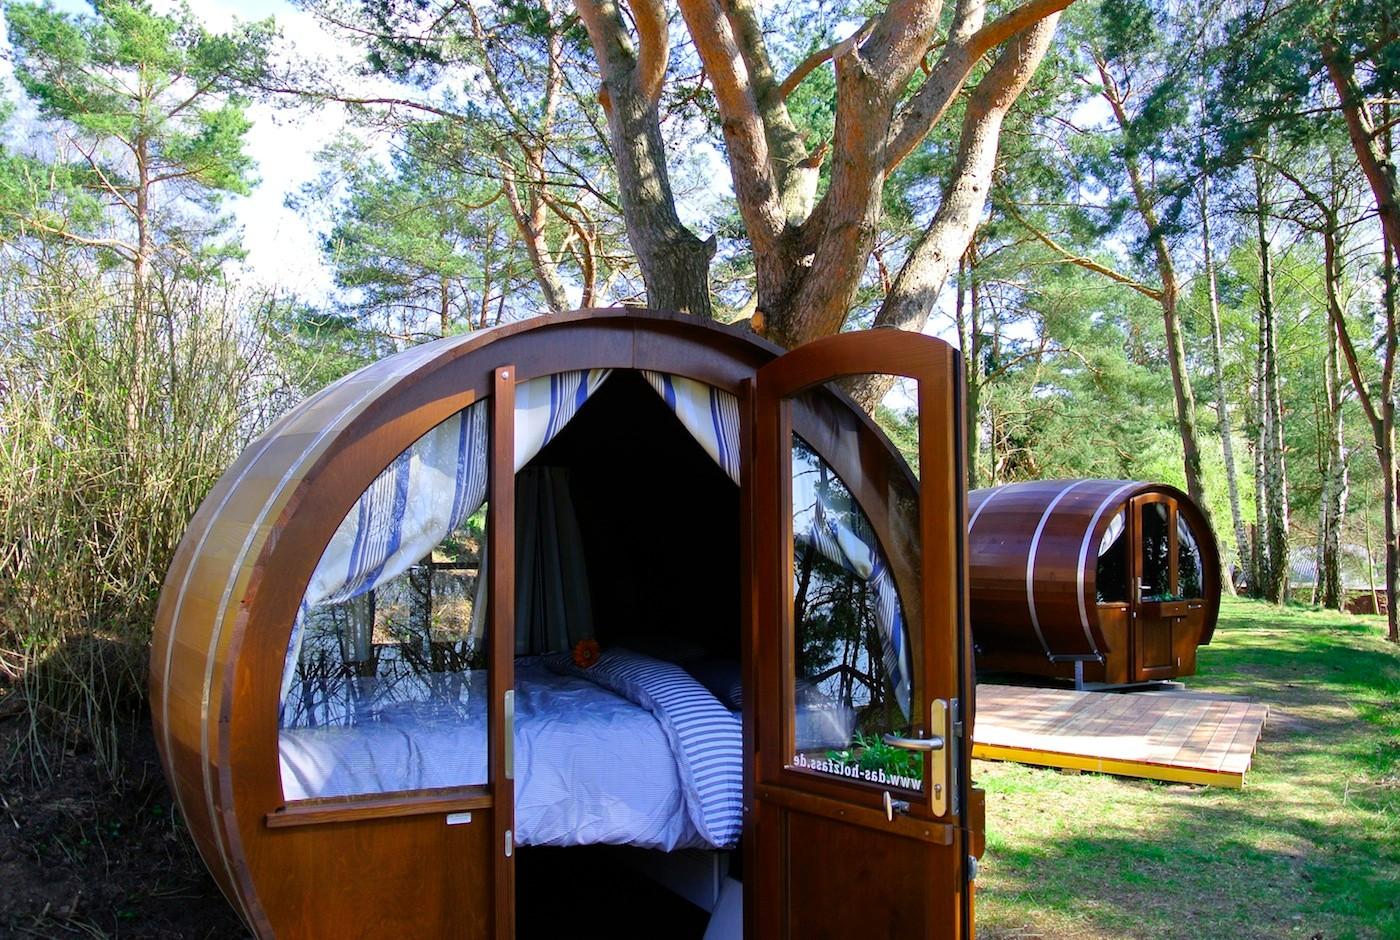 Viel Komfort auf kleinstem Raum! Ein Kuschelbett im gemütlichen Lärchenholzfass: so lässig & naturnah wie zelten, nur viel bequemer :-)